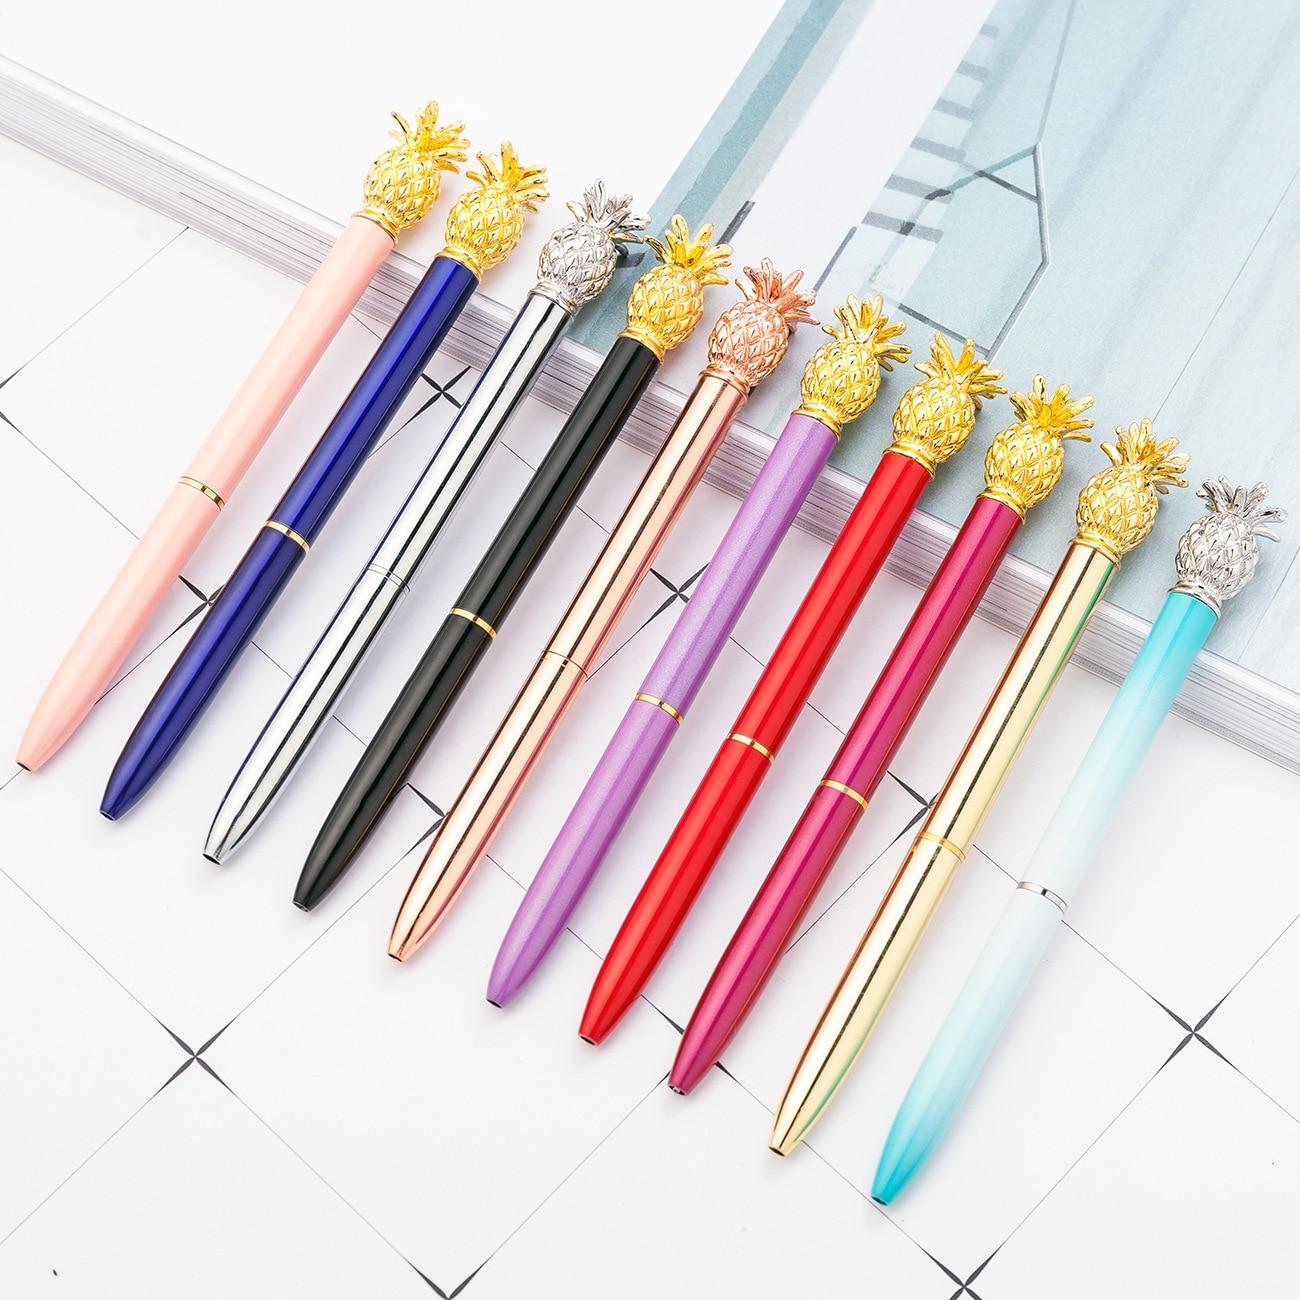 20 unids/set Kawaii bolígrafos con bola de cristal bolígrafo moda chica grande de Metal piña bolígrafo bolígrafos para la escuela papelería